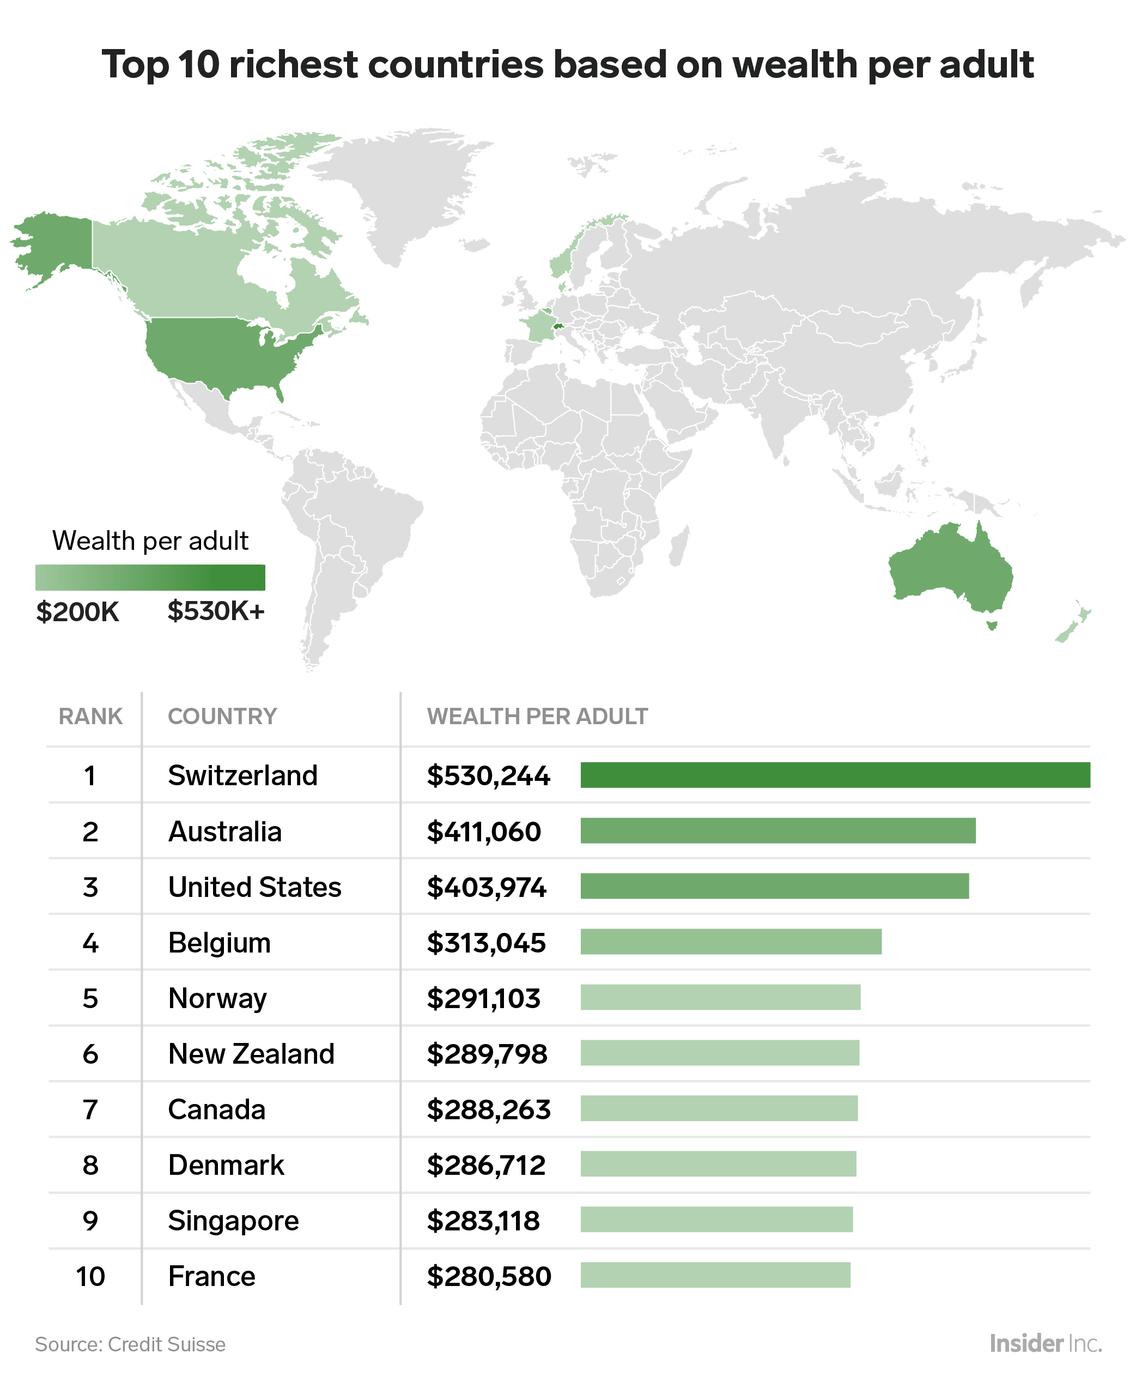 Top 10 quốc gia giàu nhất thế giới theo tài sản